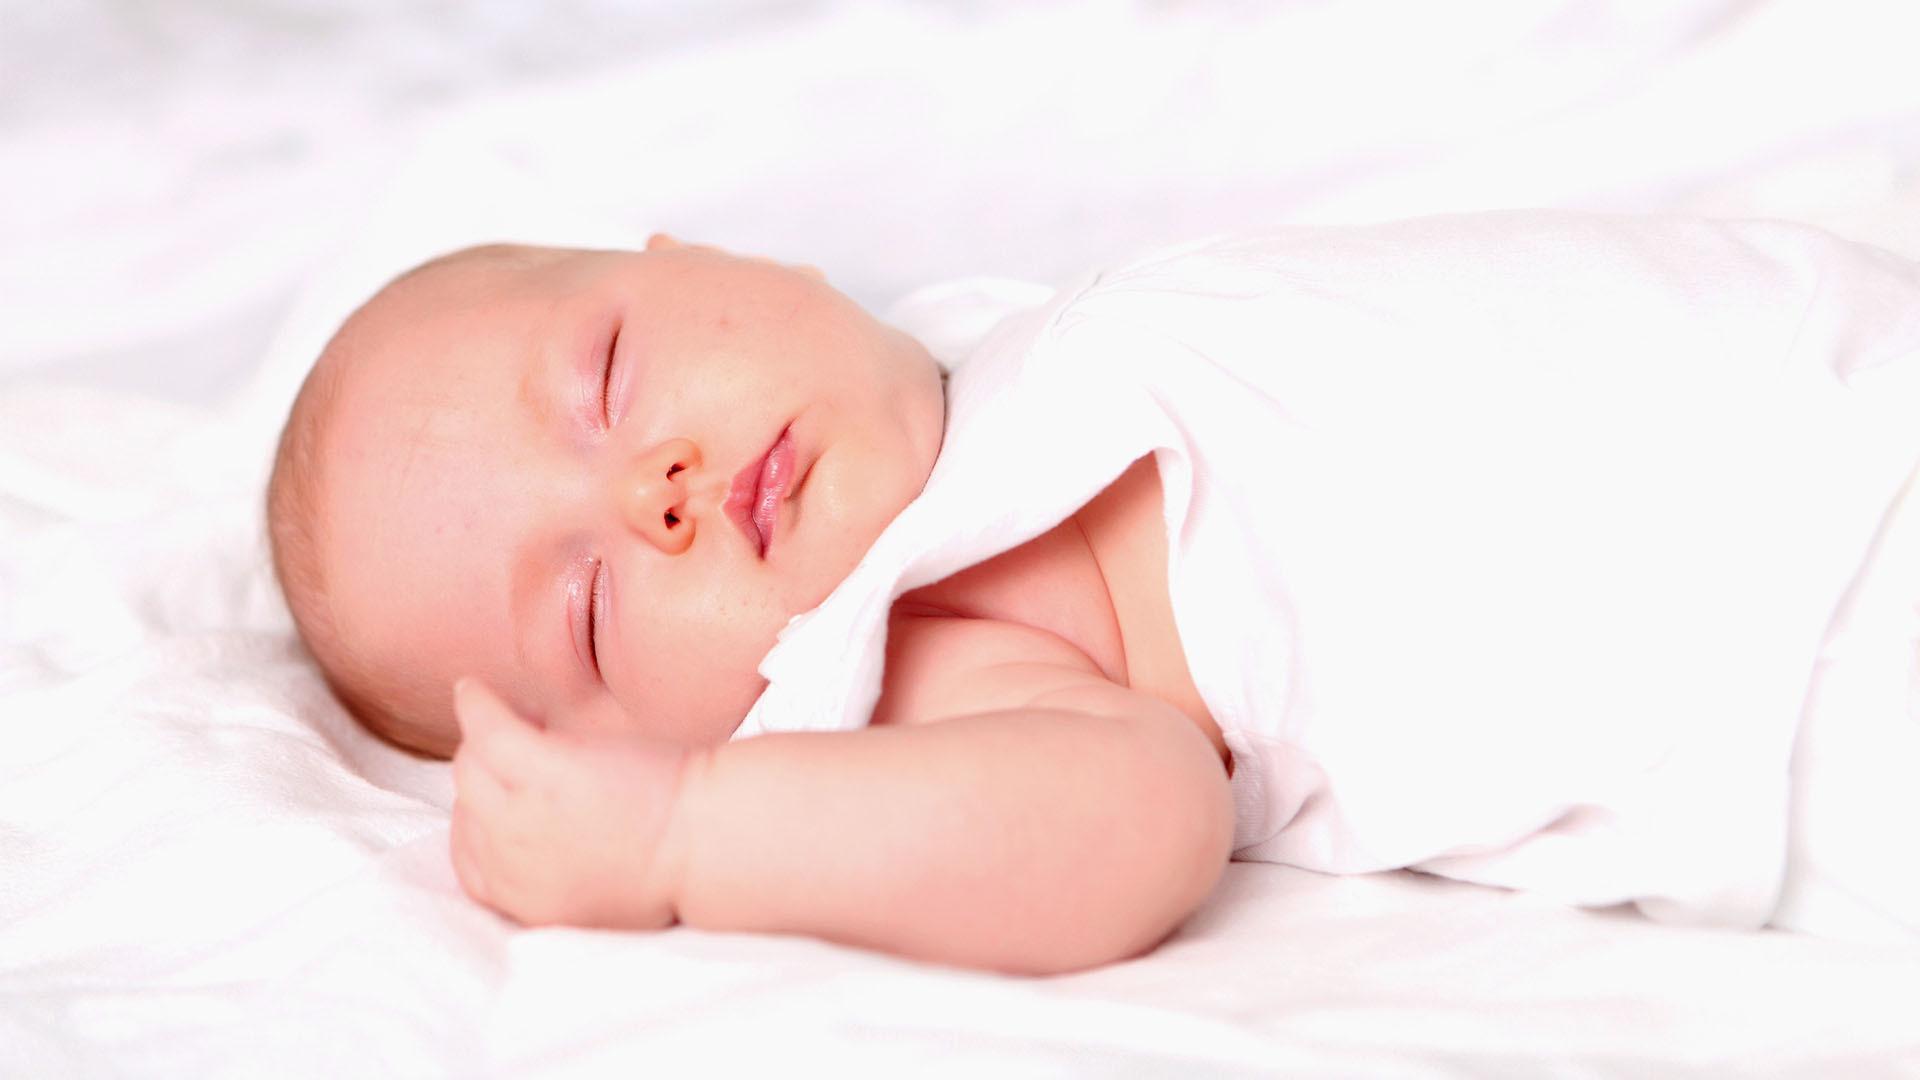 Somnul bebelusilor in primele luni de viata: sfaturi pentru parinti